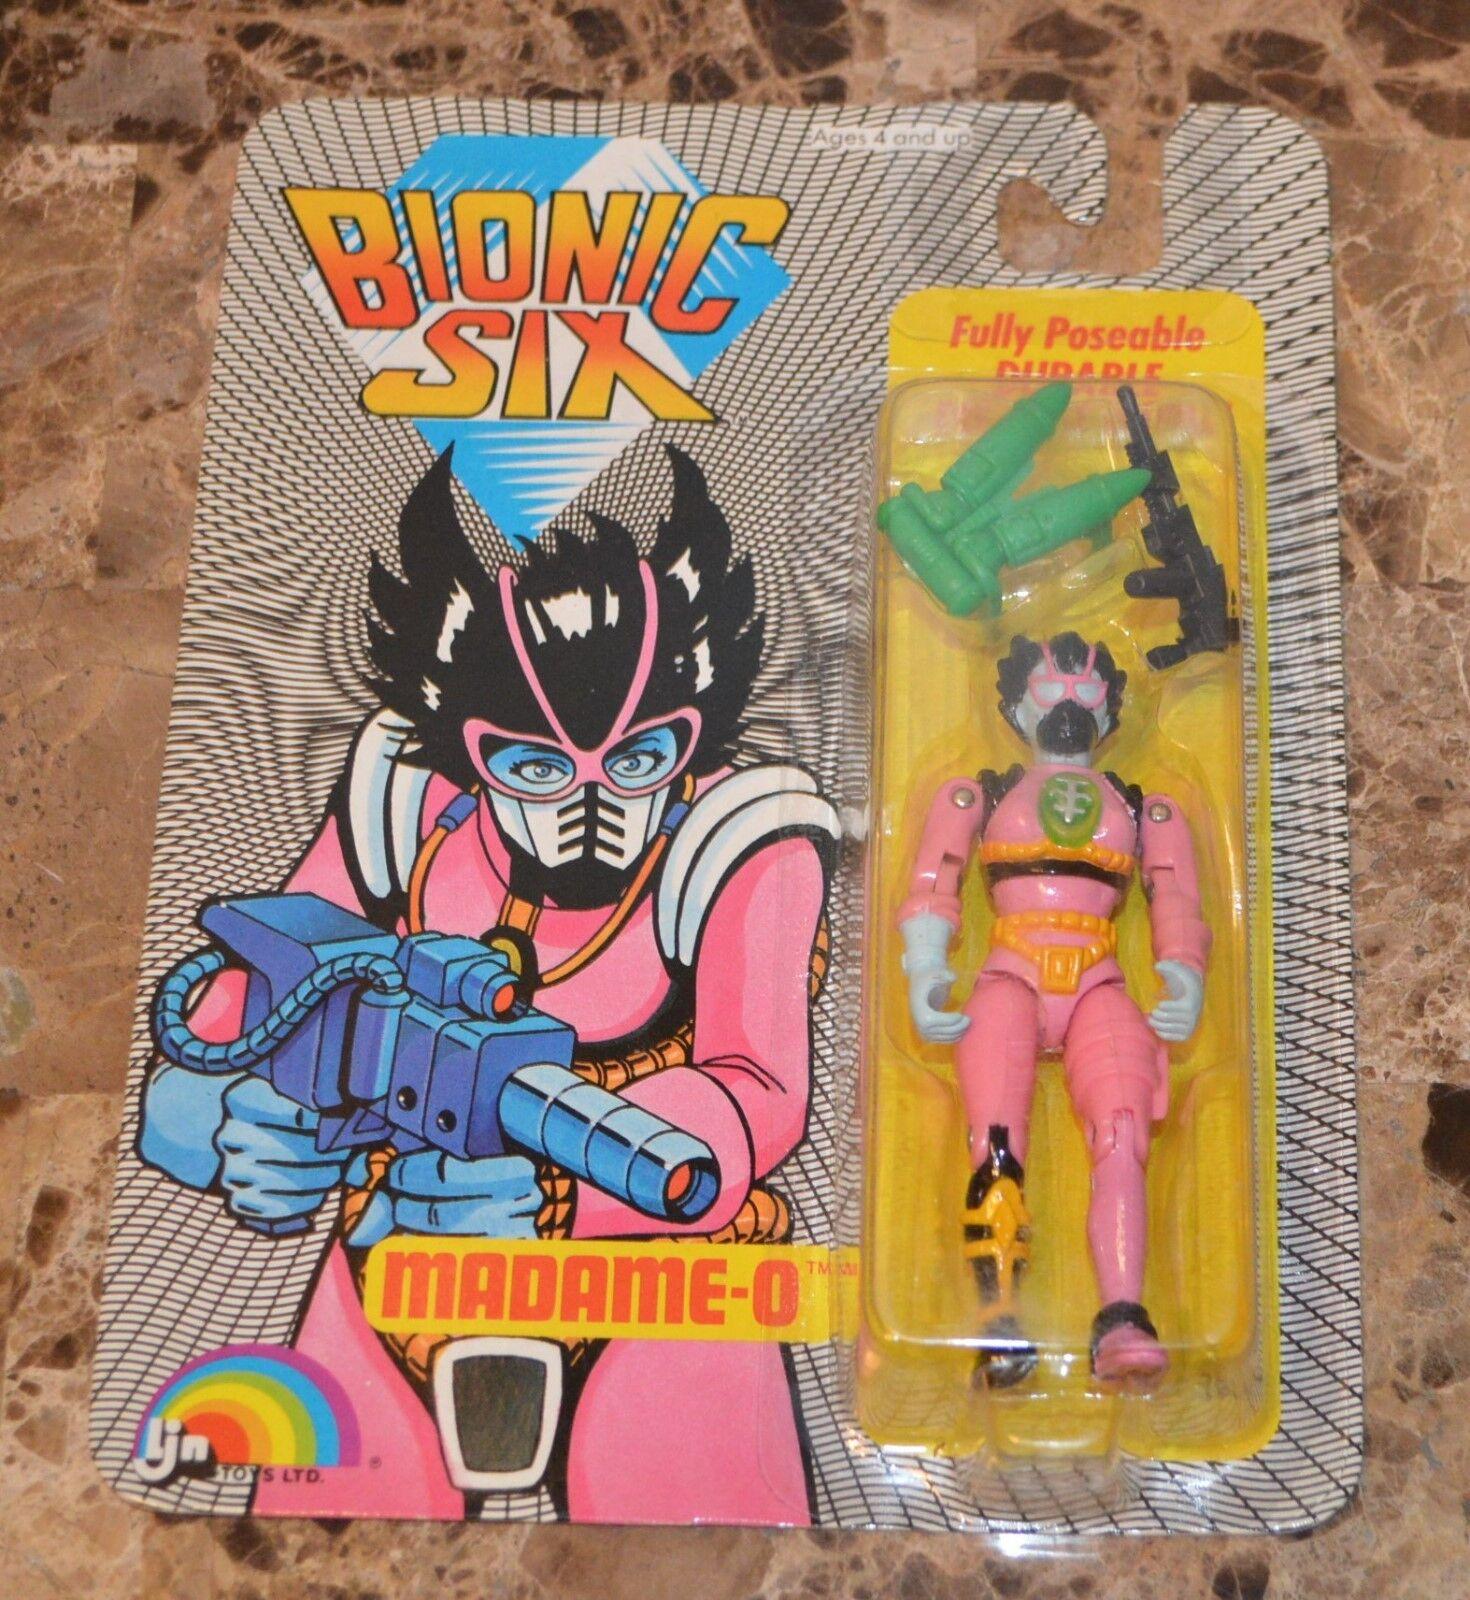 Vintage 1986 Ljn Bionic Seis Madame-O Figura de Acción Die-Cast